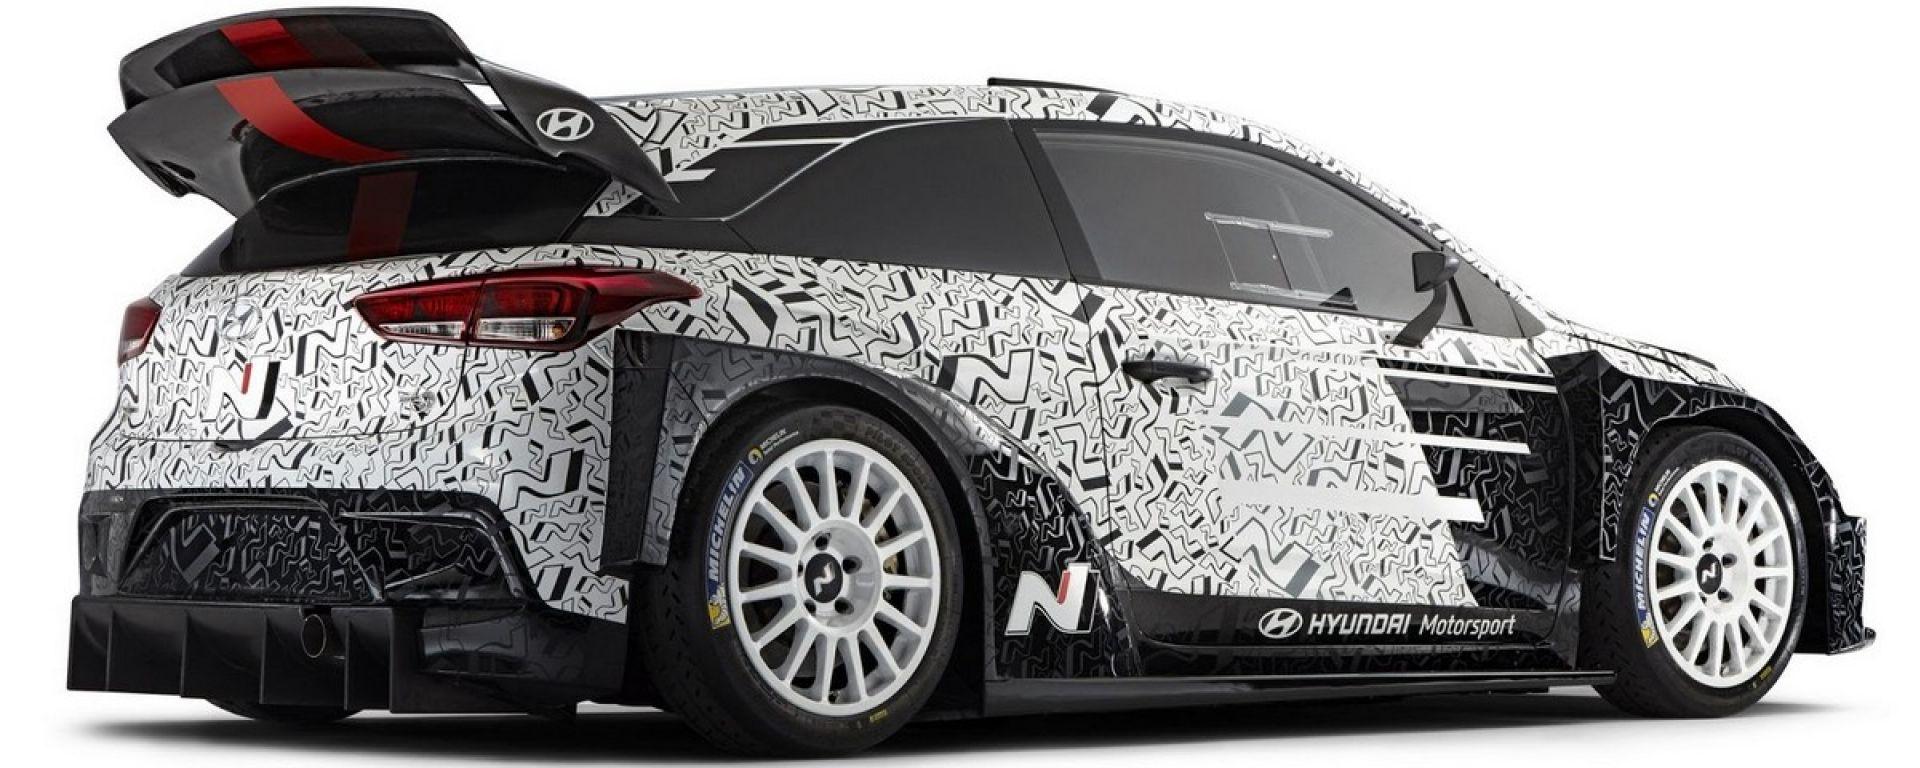 Hyundai presenterà l'ultima vettura WRC 2017, al Monza Rally Show